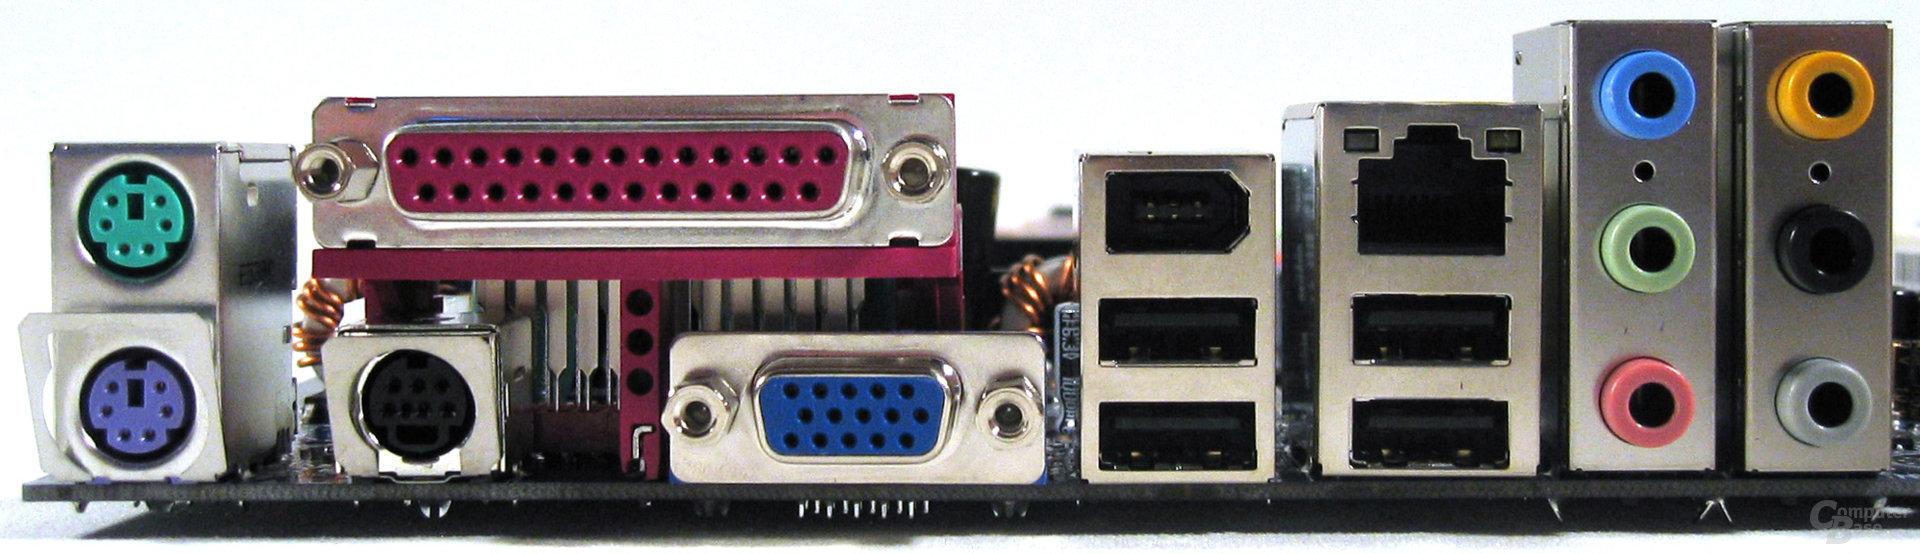 GA-K8N51PVMT-9 ATX-Blende